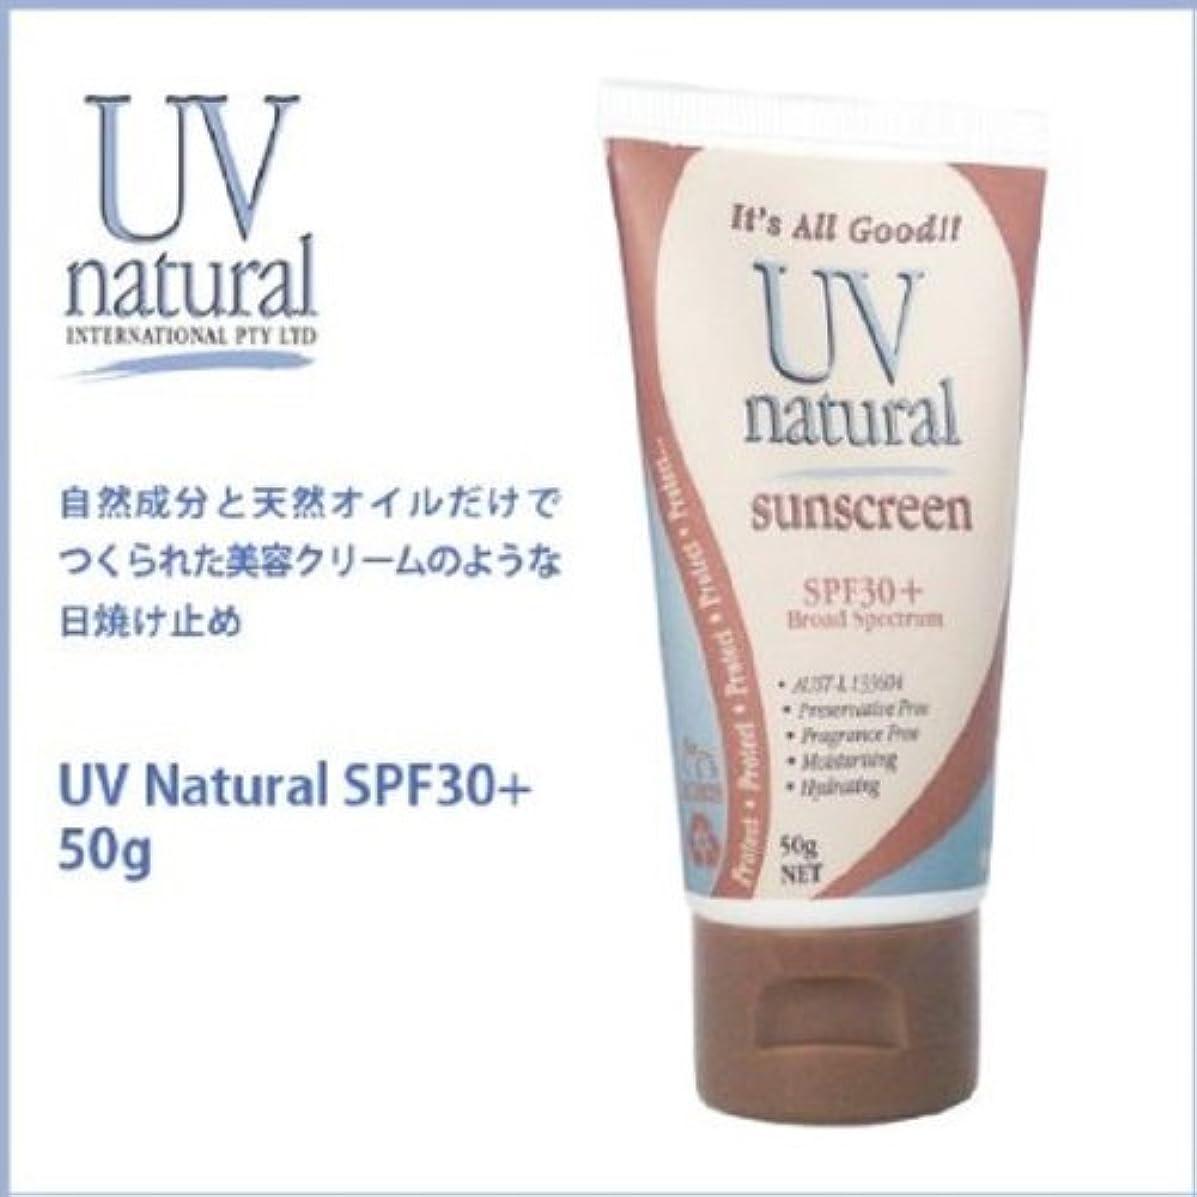 出来事ただ促す【UV NATURAL】日焼け止め Natural SPF30+ 50g 3本セット